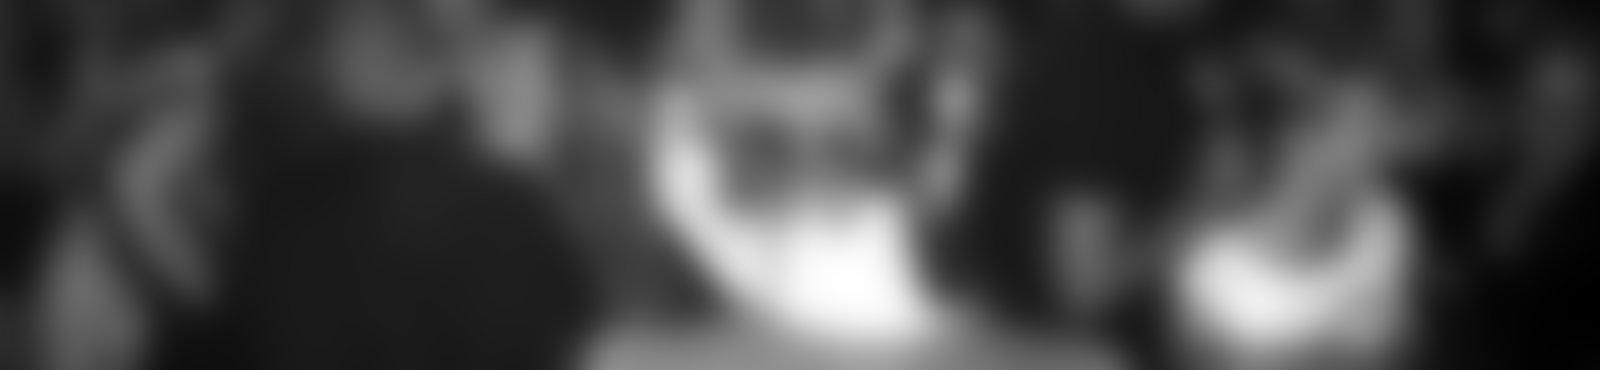 Blurred 425684 10150581864356650 364234247 n